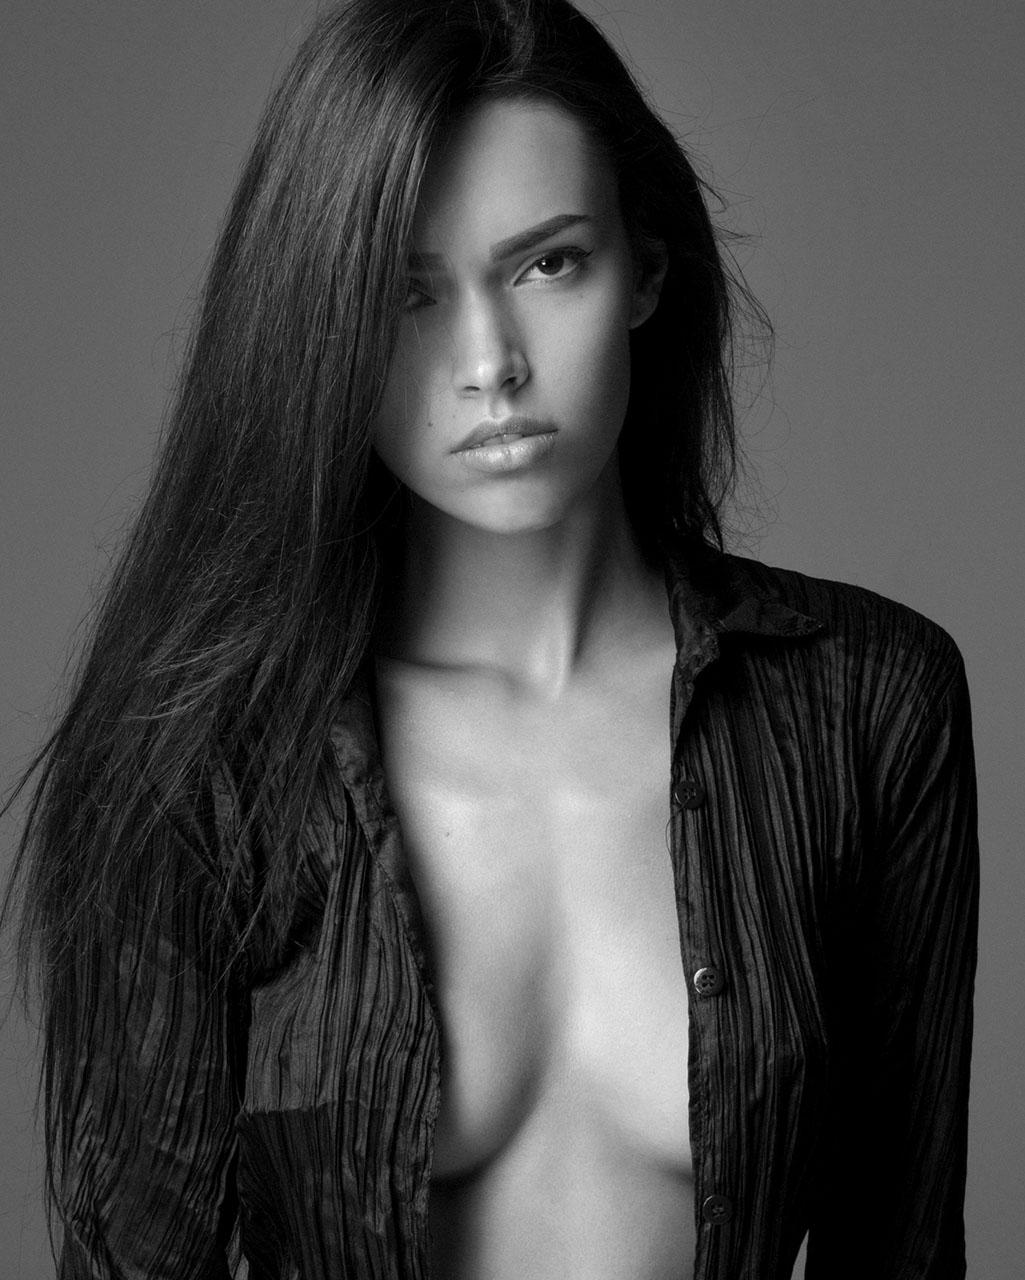 Diana Hobzila